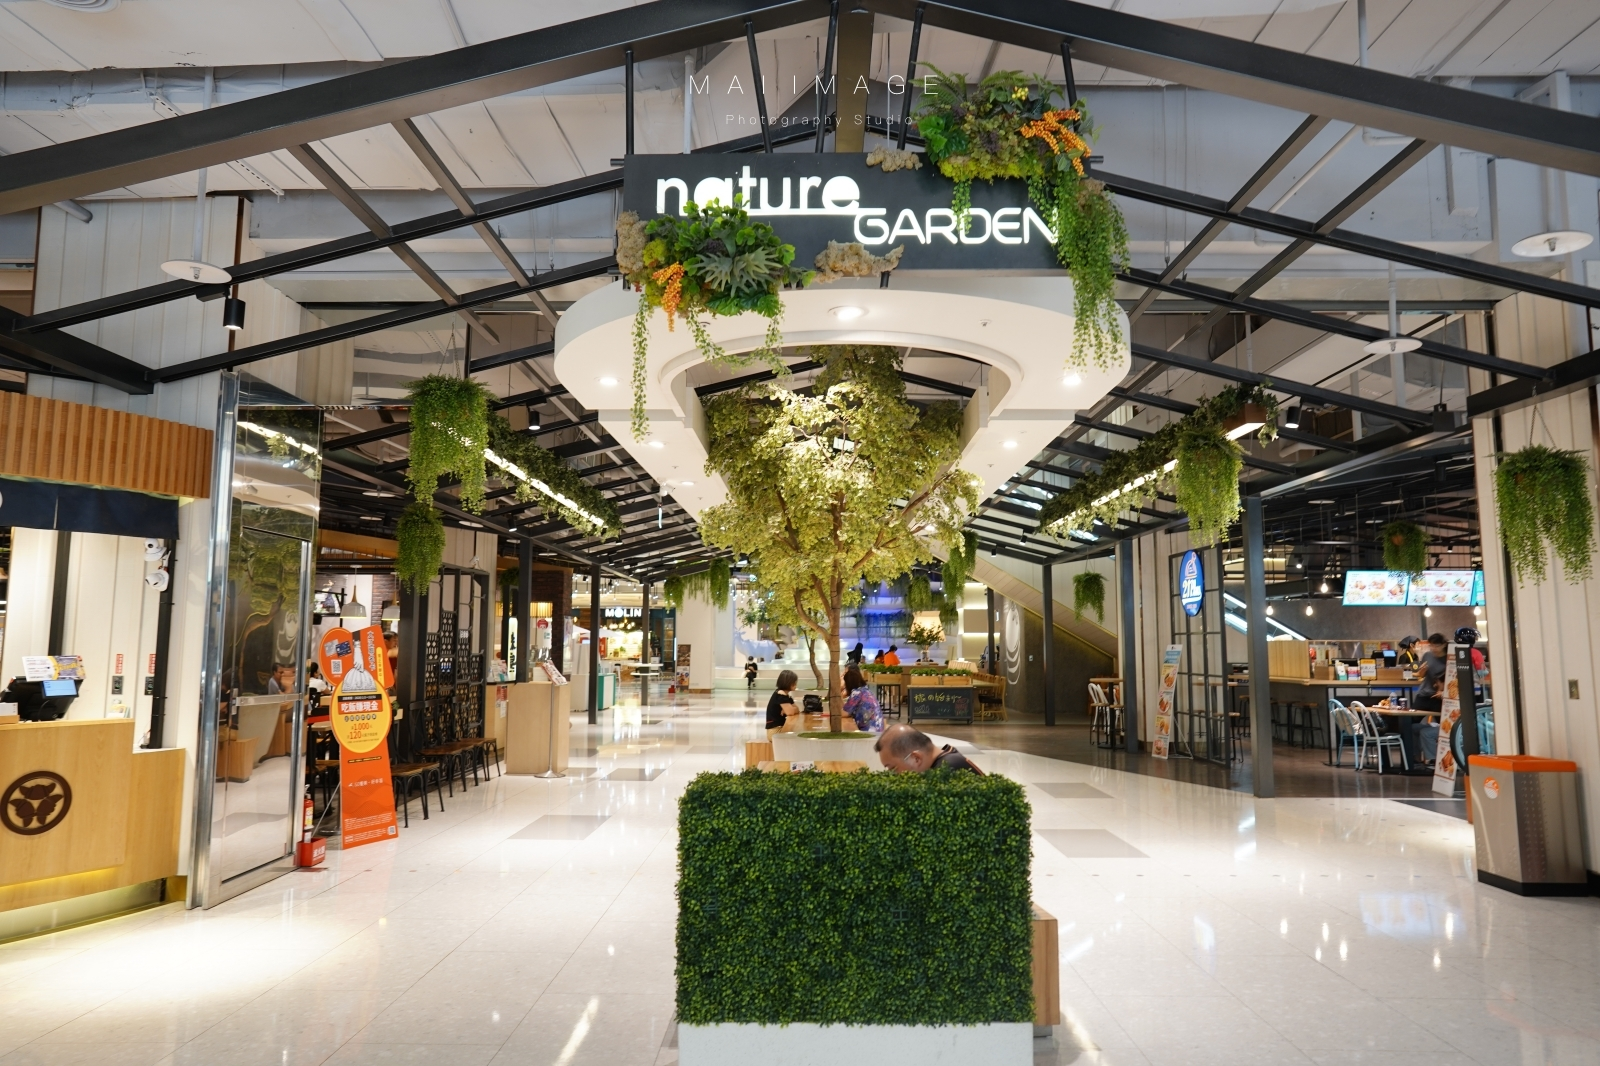 全年停車免費~2020 Summer Shopping!桃園青埔商圈,大江購物中心 FUN 暑假囉,眾多優惠拿好拿滿!